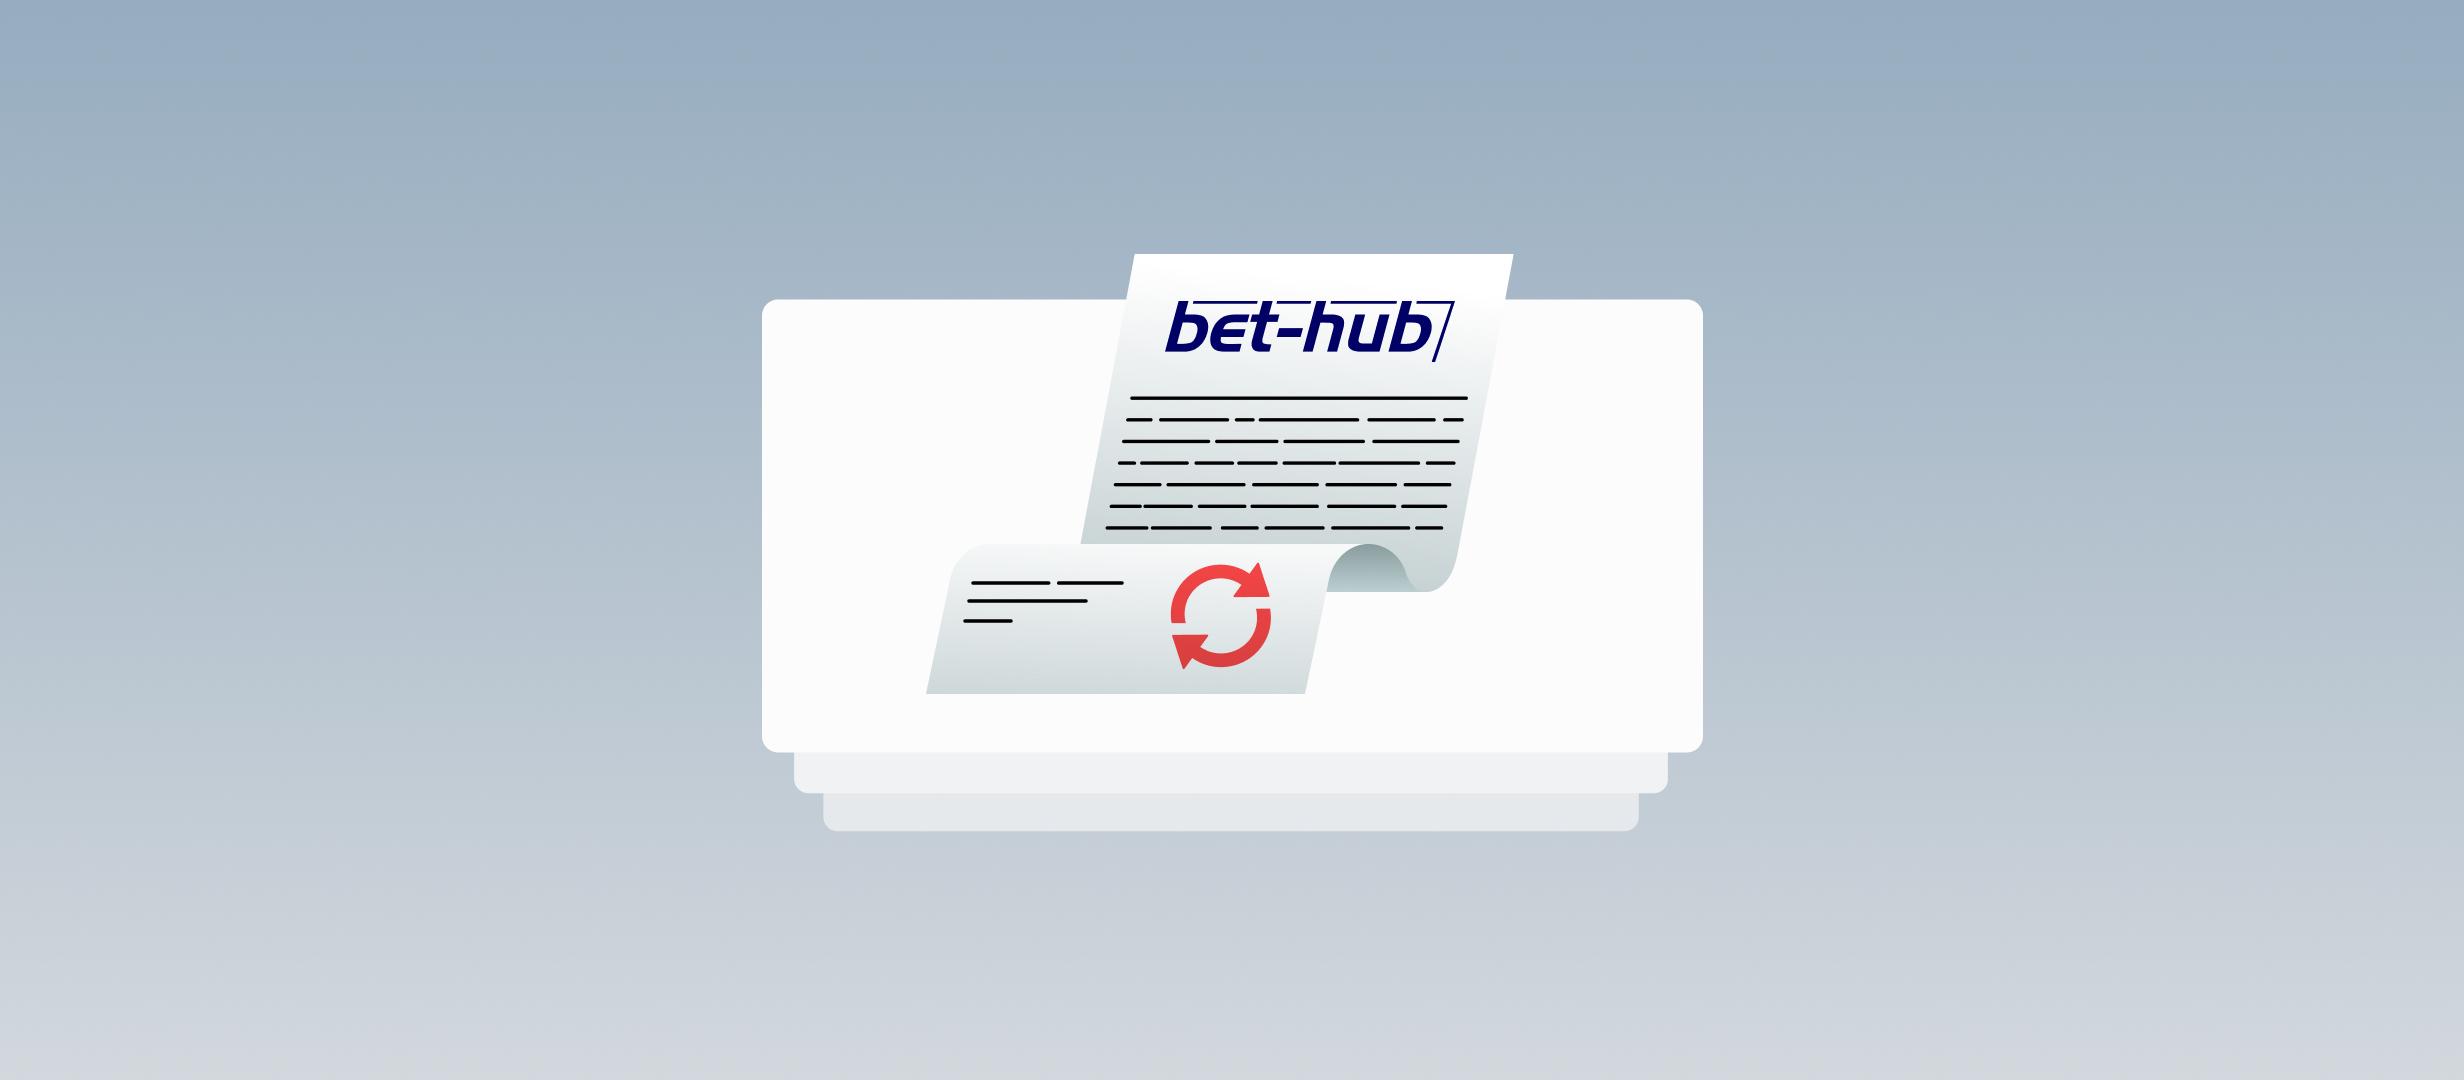 Bet-hub ввёл платный сервис — реакция капперов